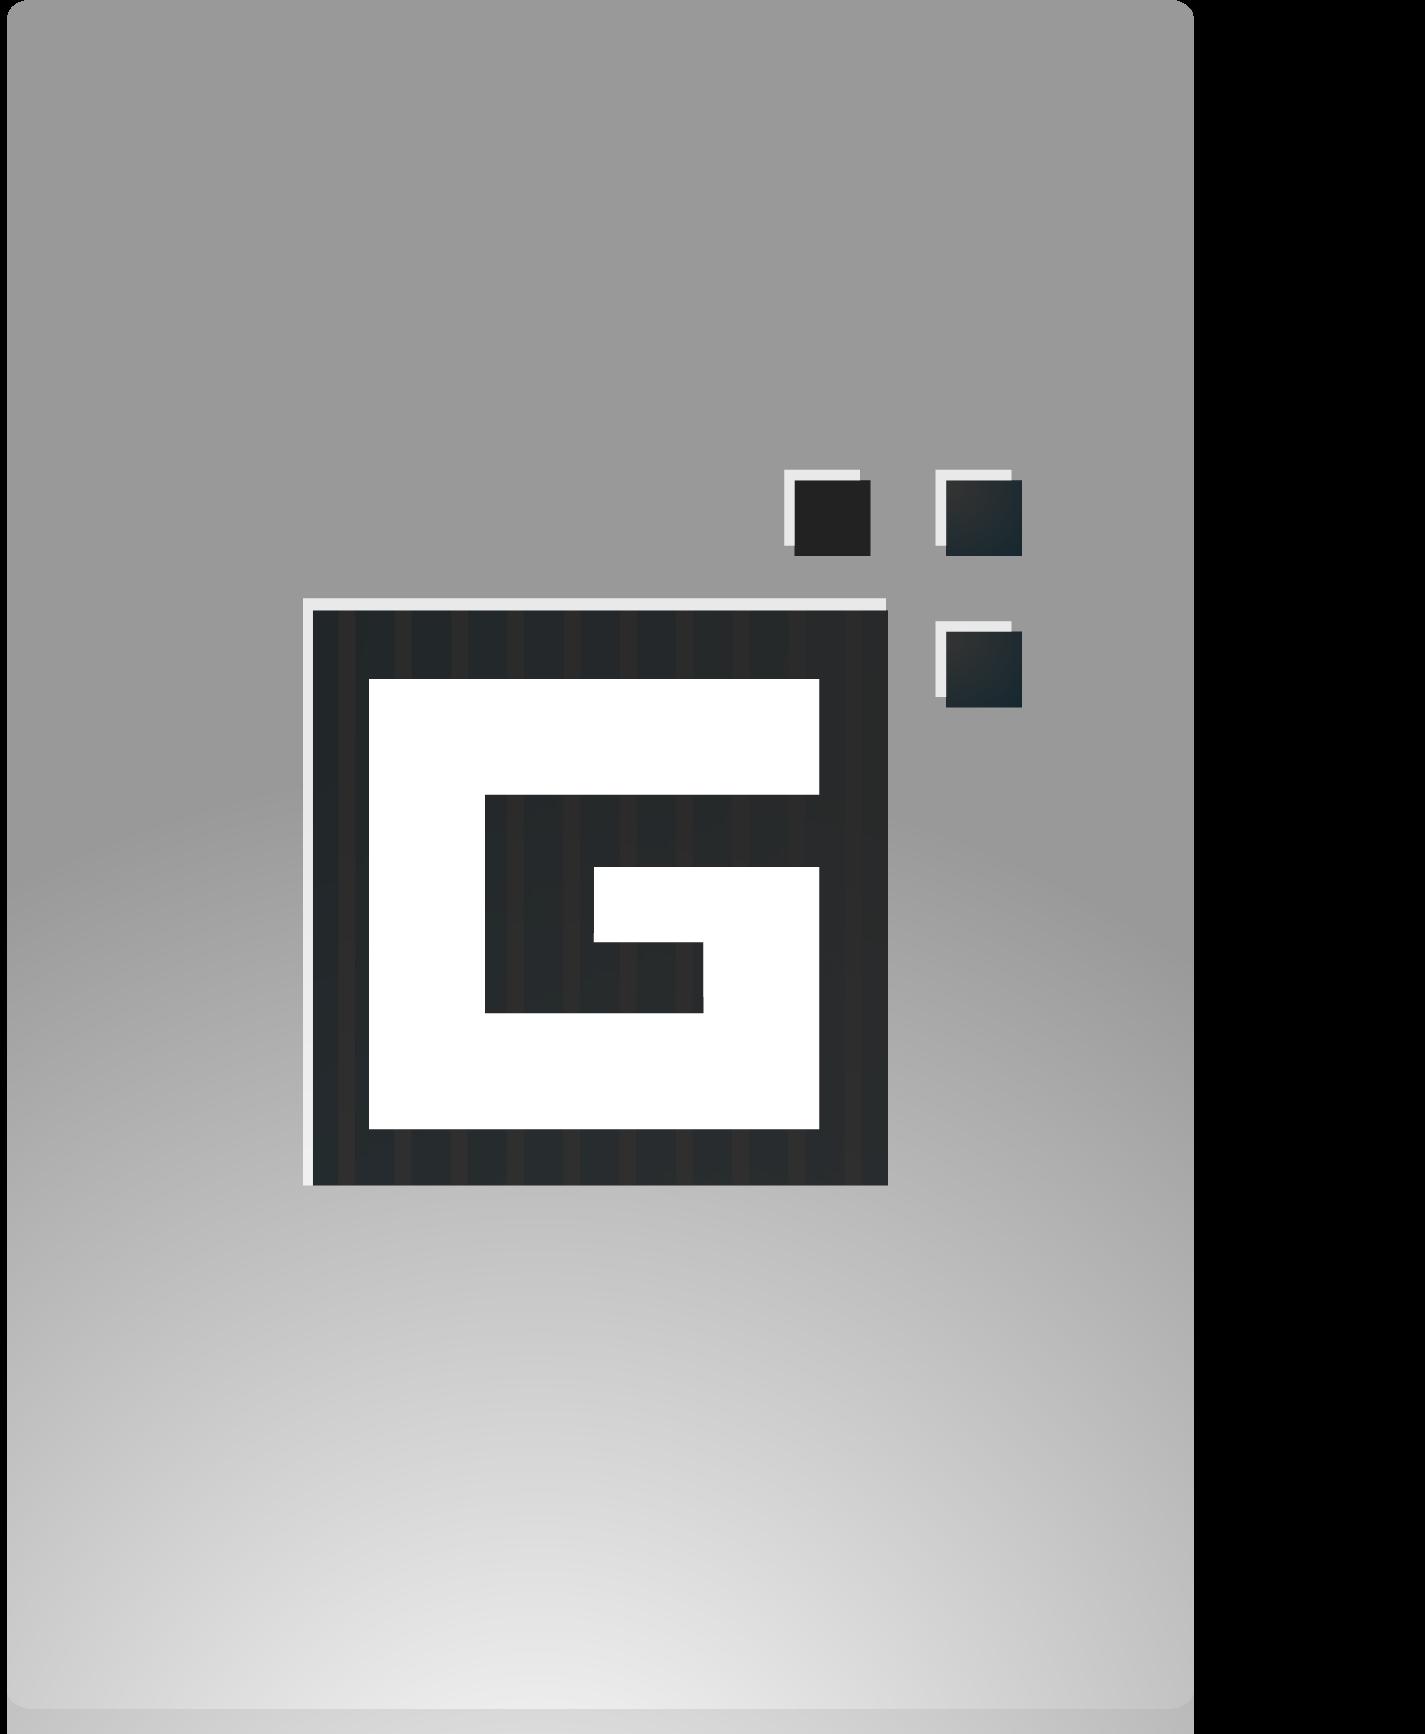 Разработать логотип к ПО фото f_4ba47feb3e34d.png